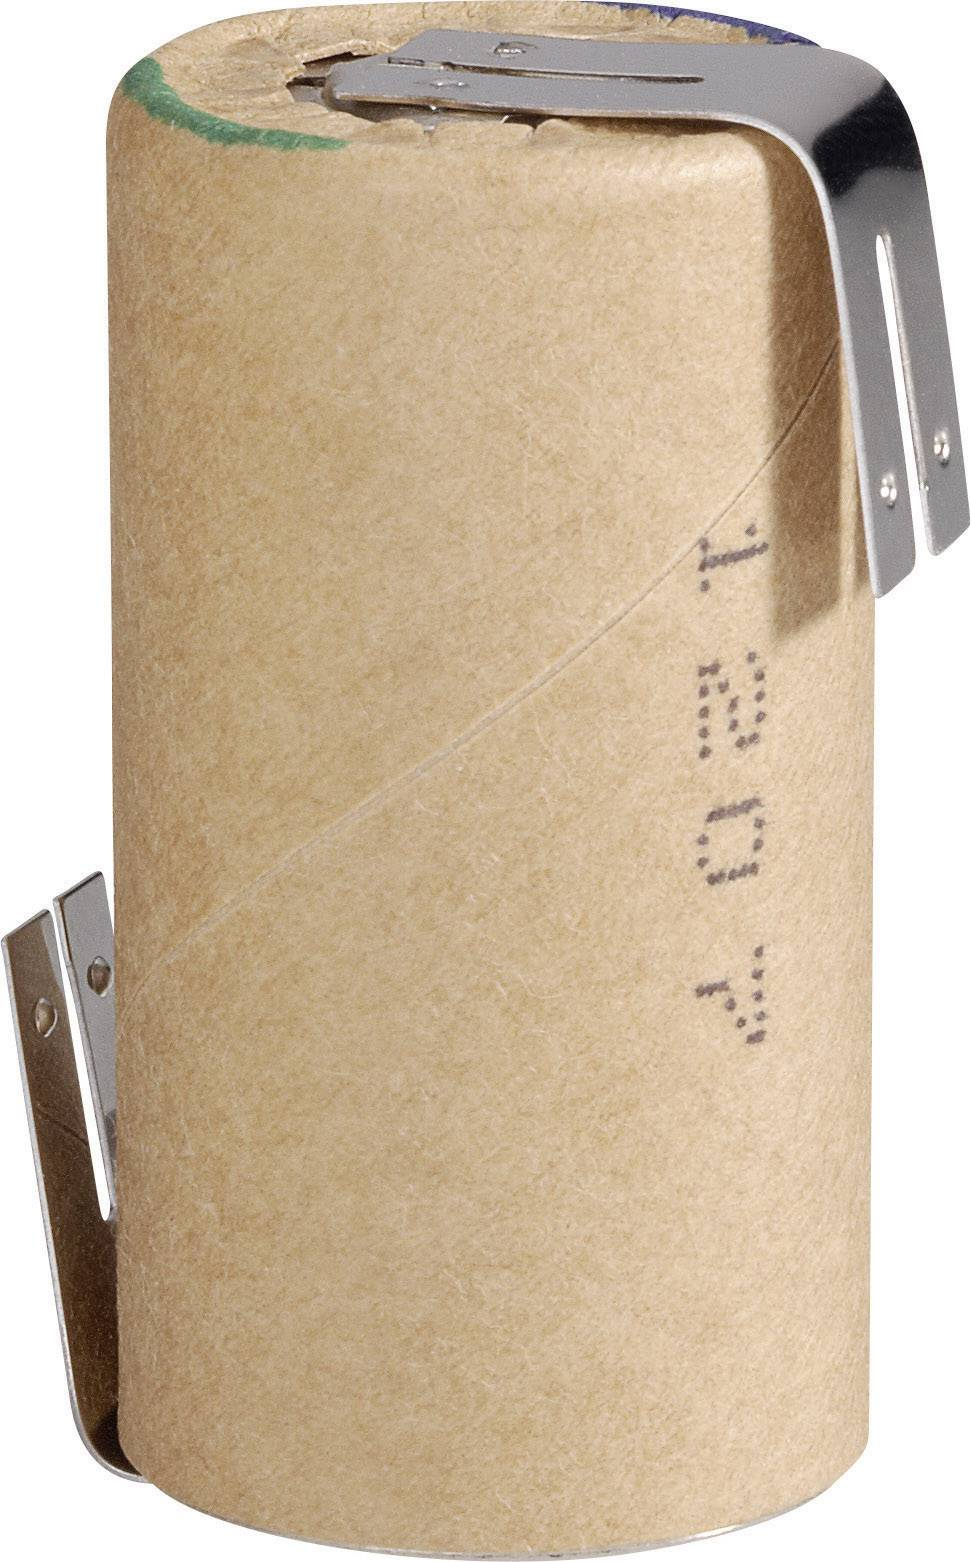 Špeciálny akumulátor Panasonic HHR30SCP/PP-LF, Sub-C, NiMH, 1.2 V, 3000 mAh